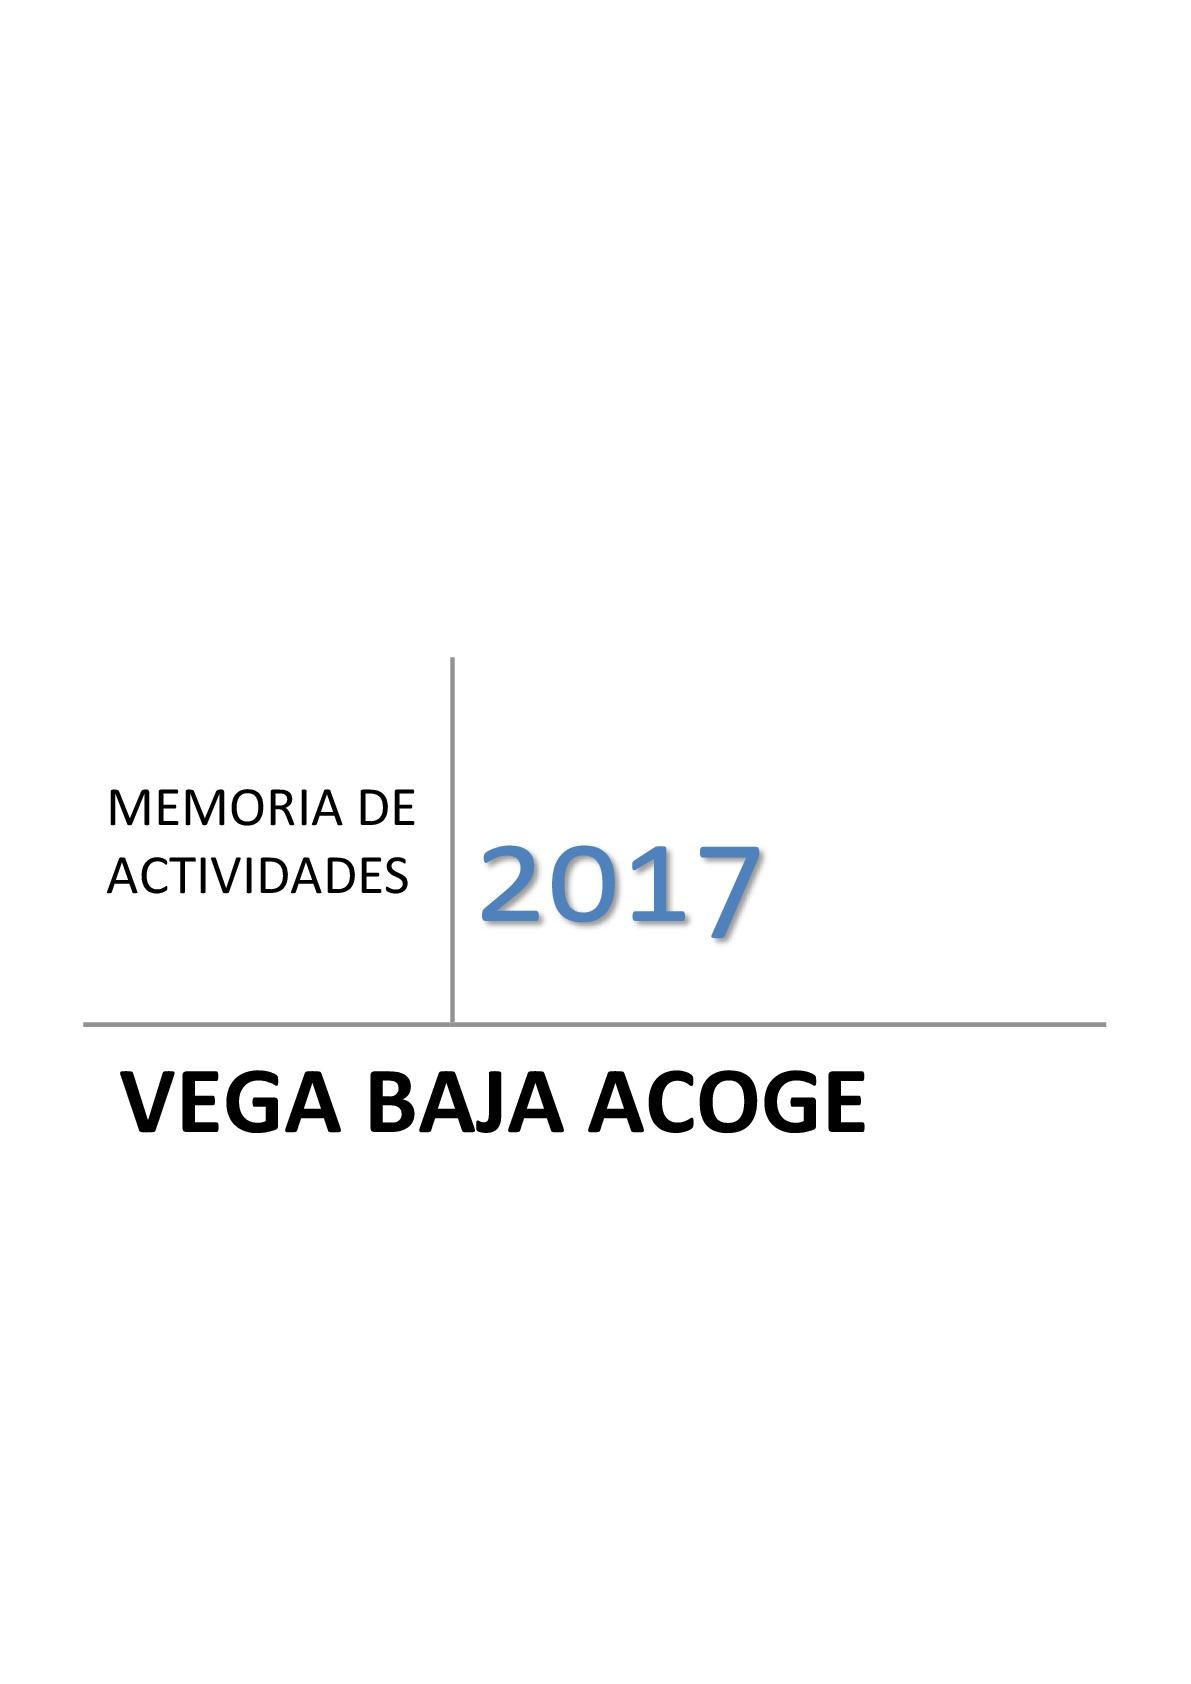 Memoria Actividades 2017